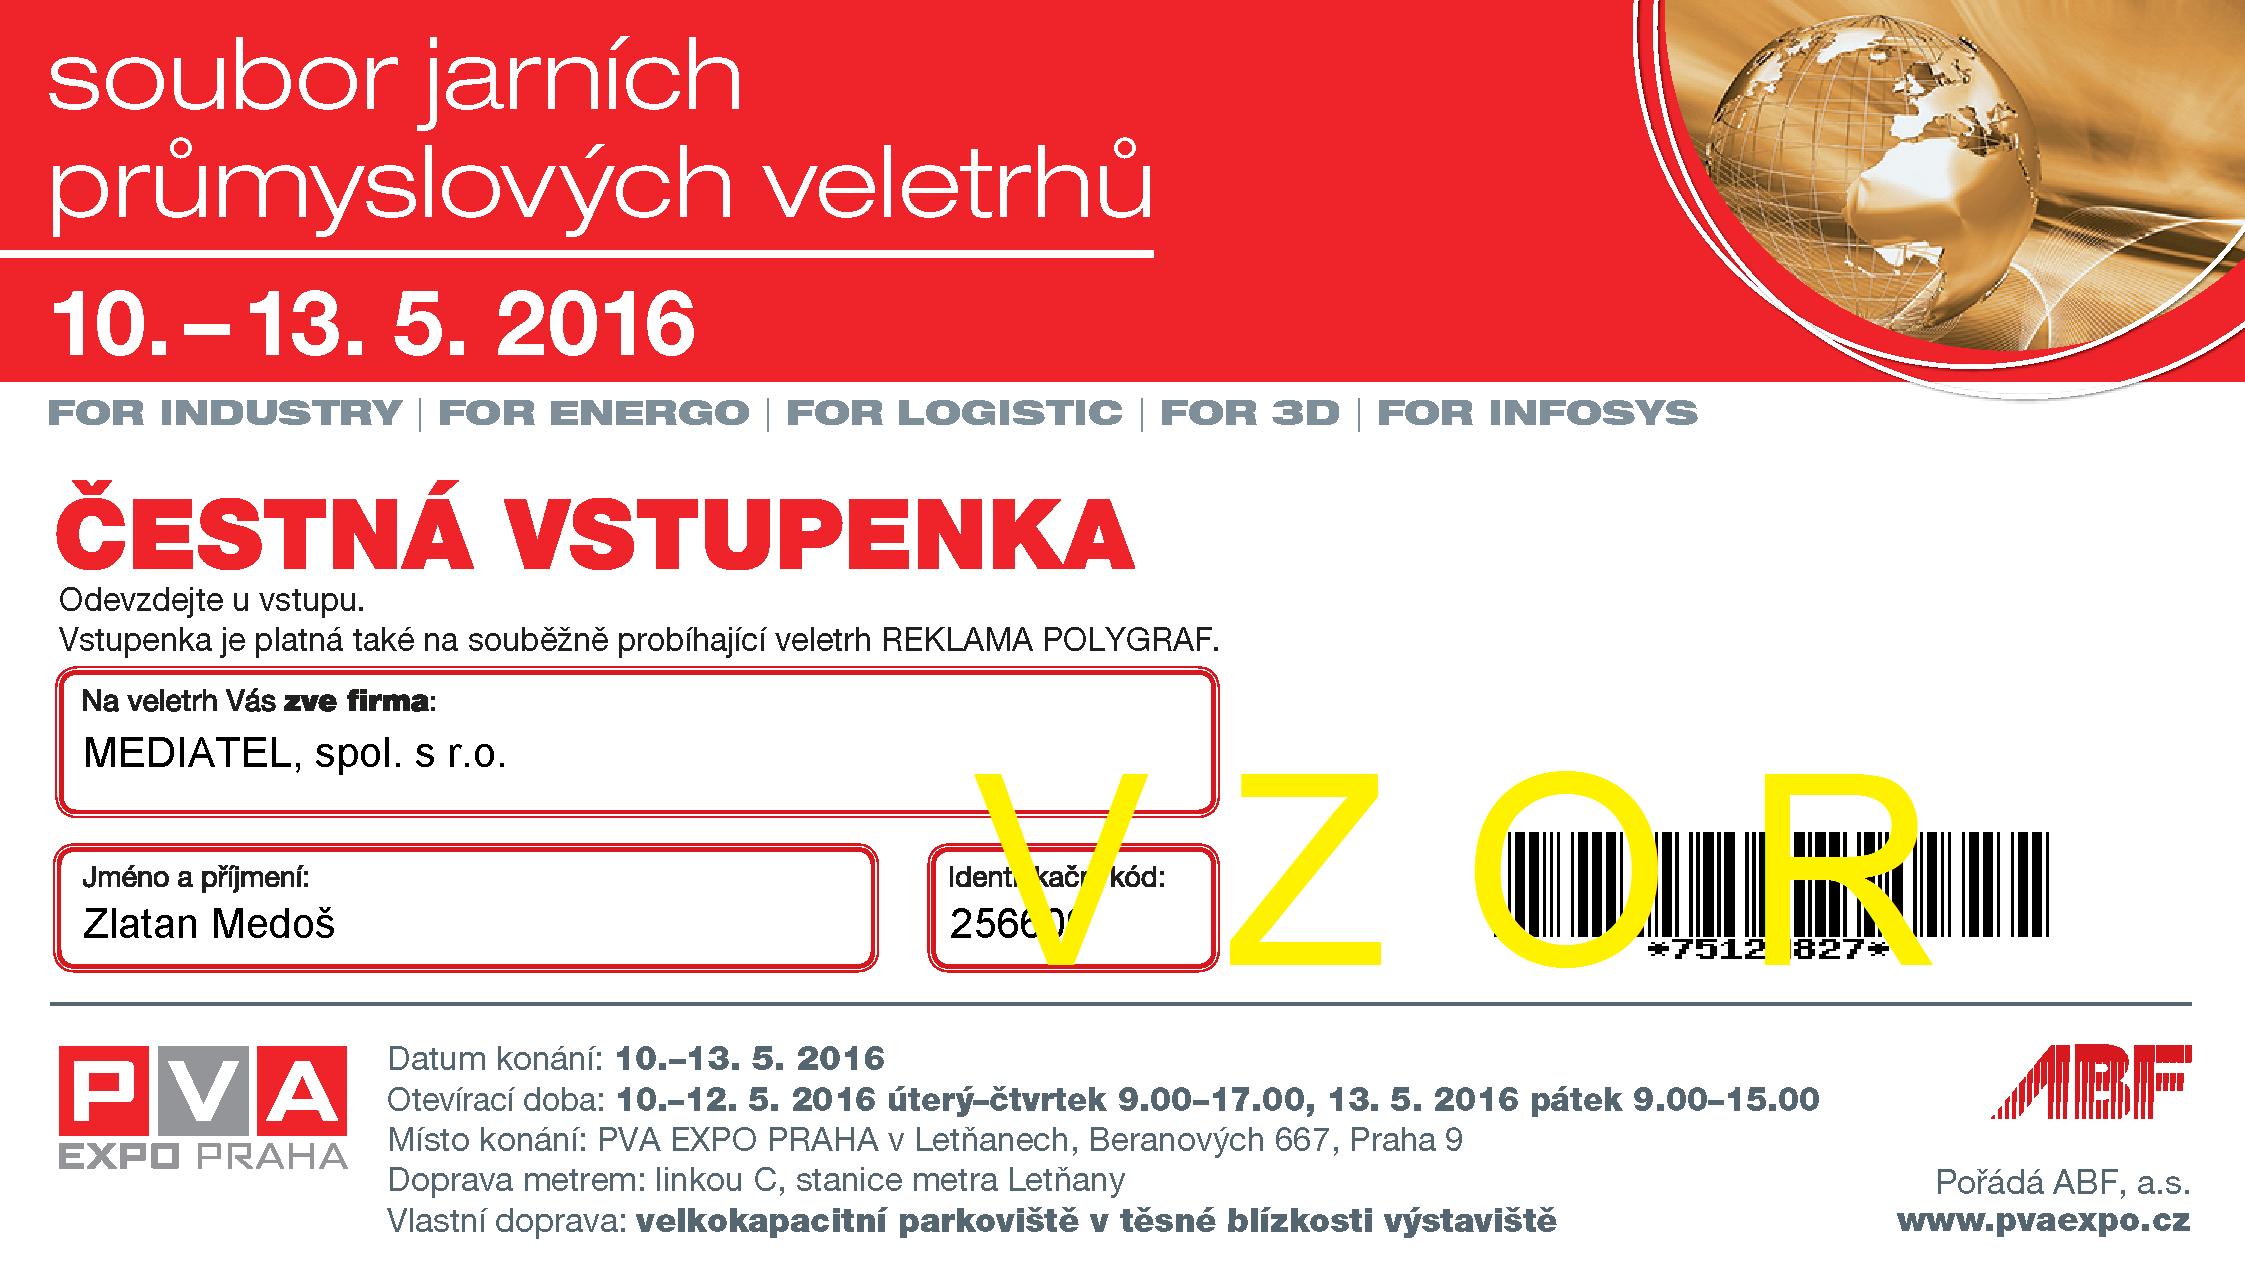 FOR_LOGISTIC_Čestná_vstupenka_MEDIATEL